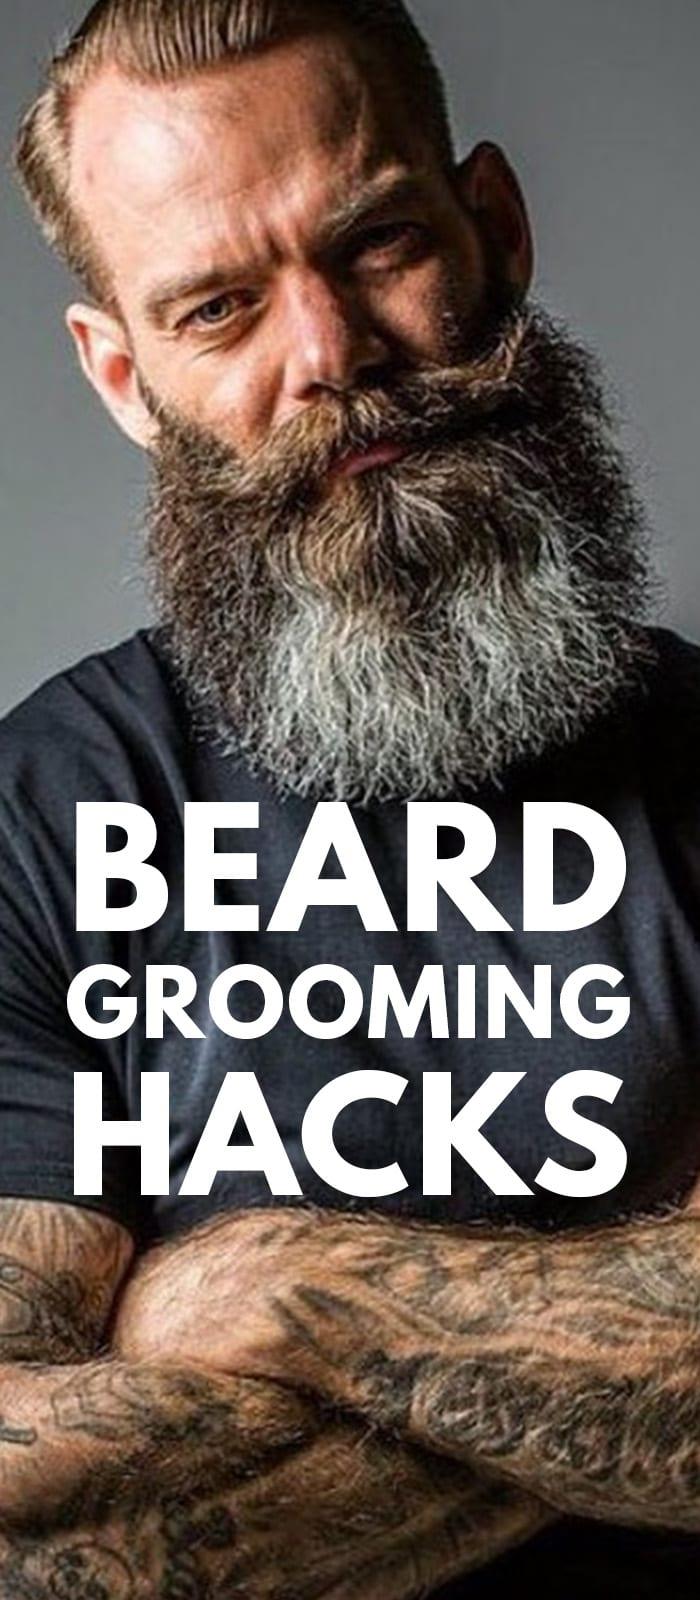 Beard Grooming Hacks.